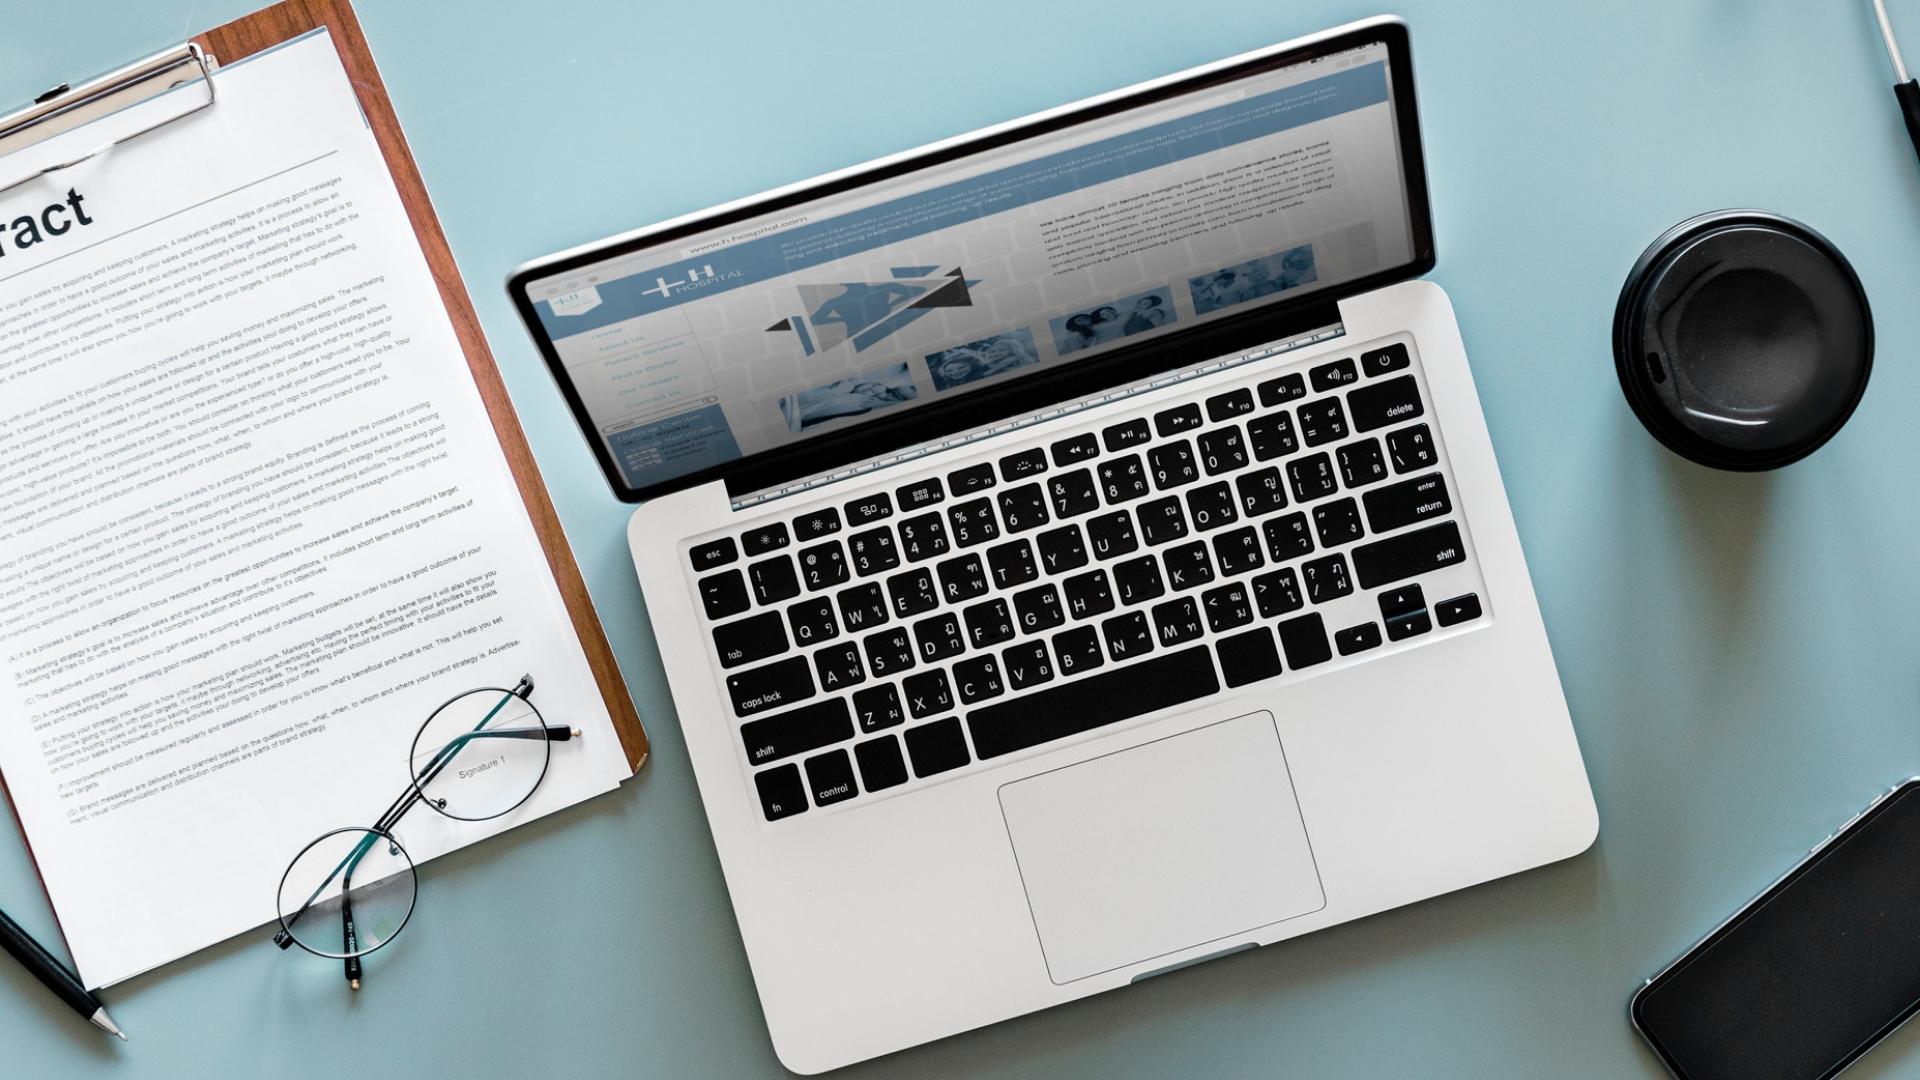 El equipo consultor de Diagnos conoce la dinámica del sector salud y nuestra labor es brindarle primordialmente tranquilidad a ustedes y su equipo, de estar invirtiendo en un proyecto en donde priman los intereses de su empresa. -